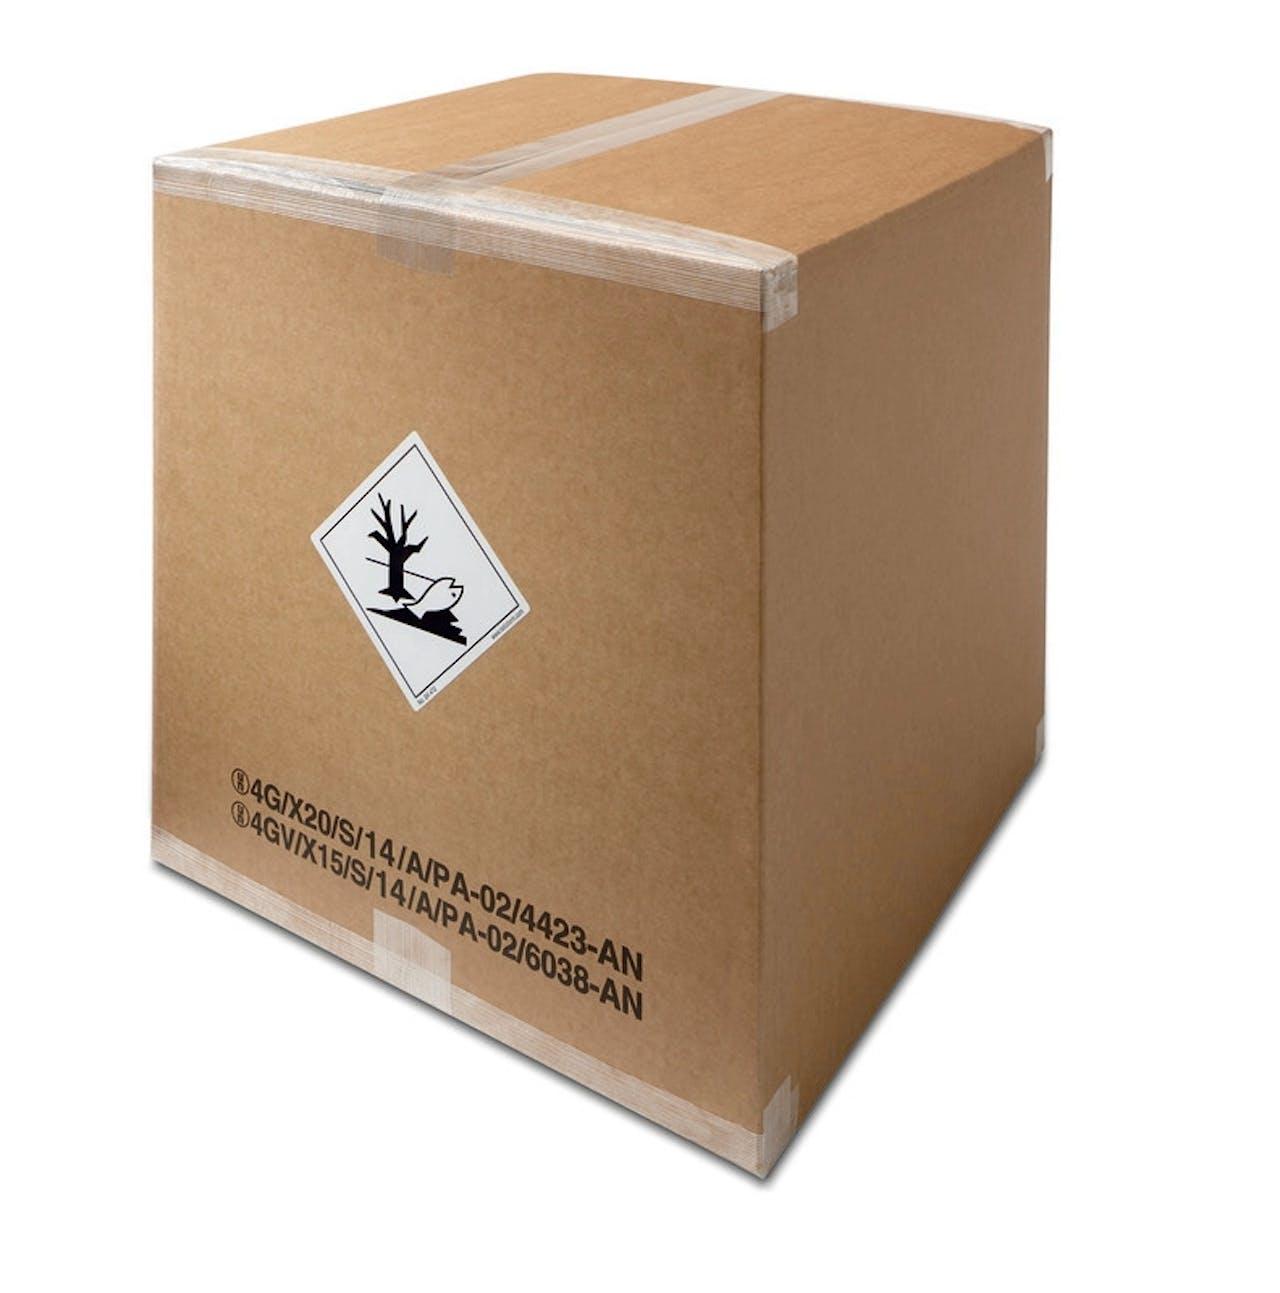 Caisses carton ONU ECONOMY, Var: GKL3-1